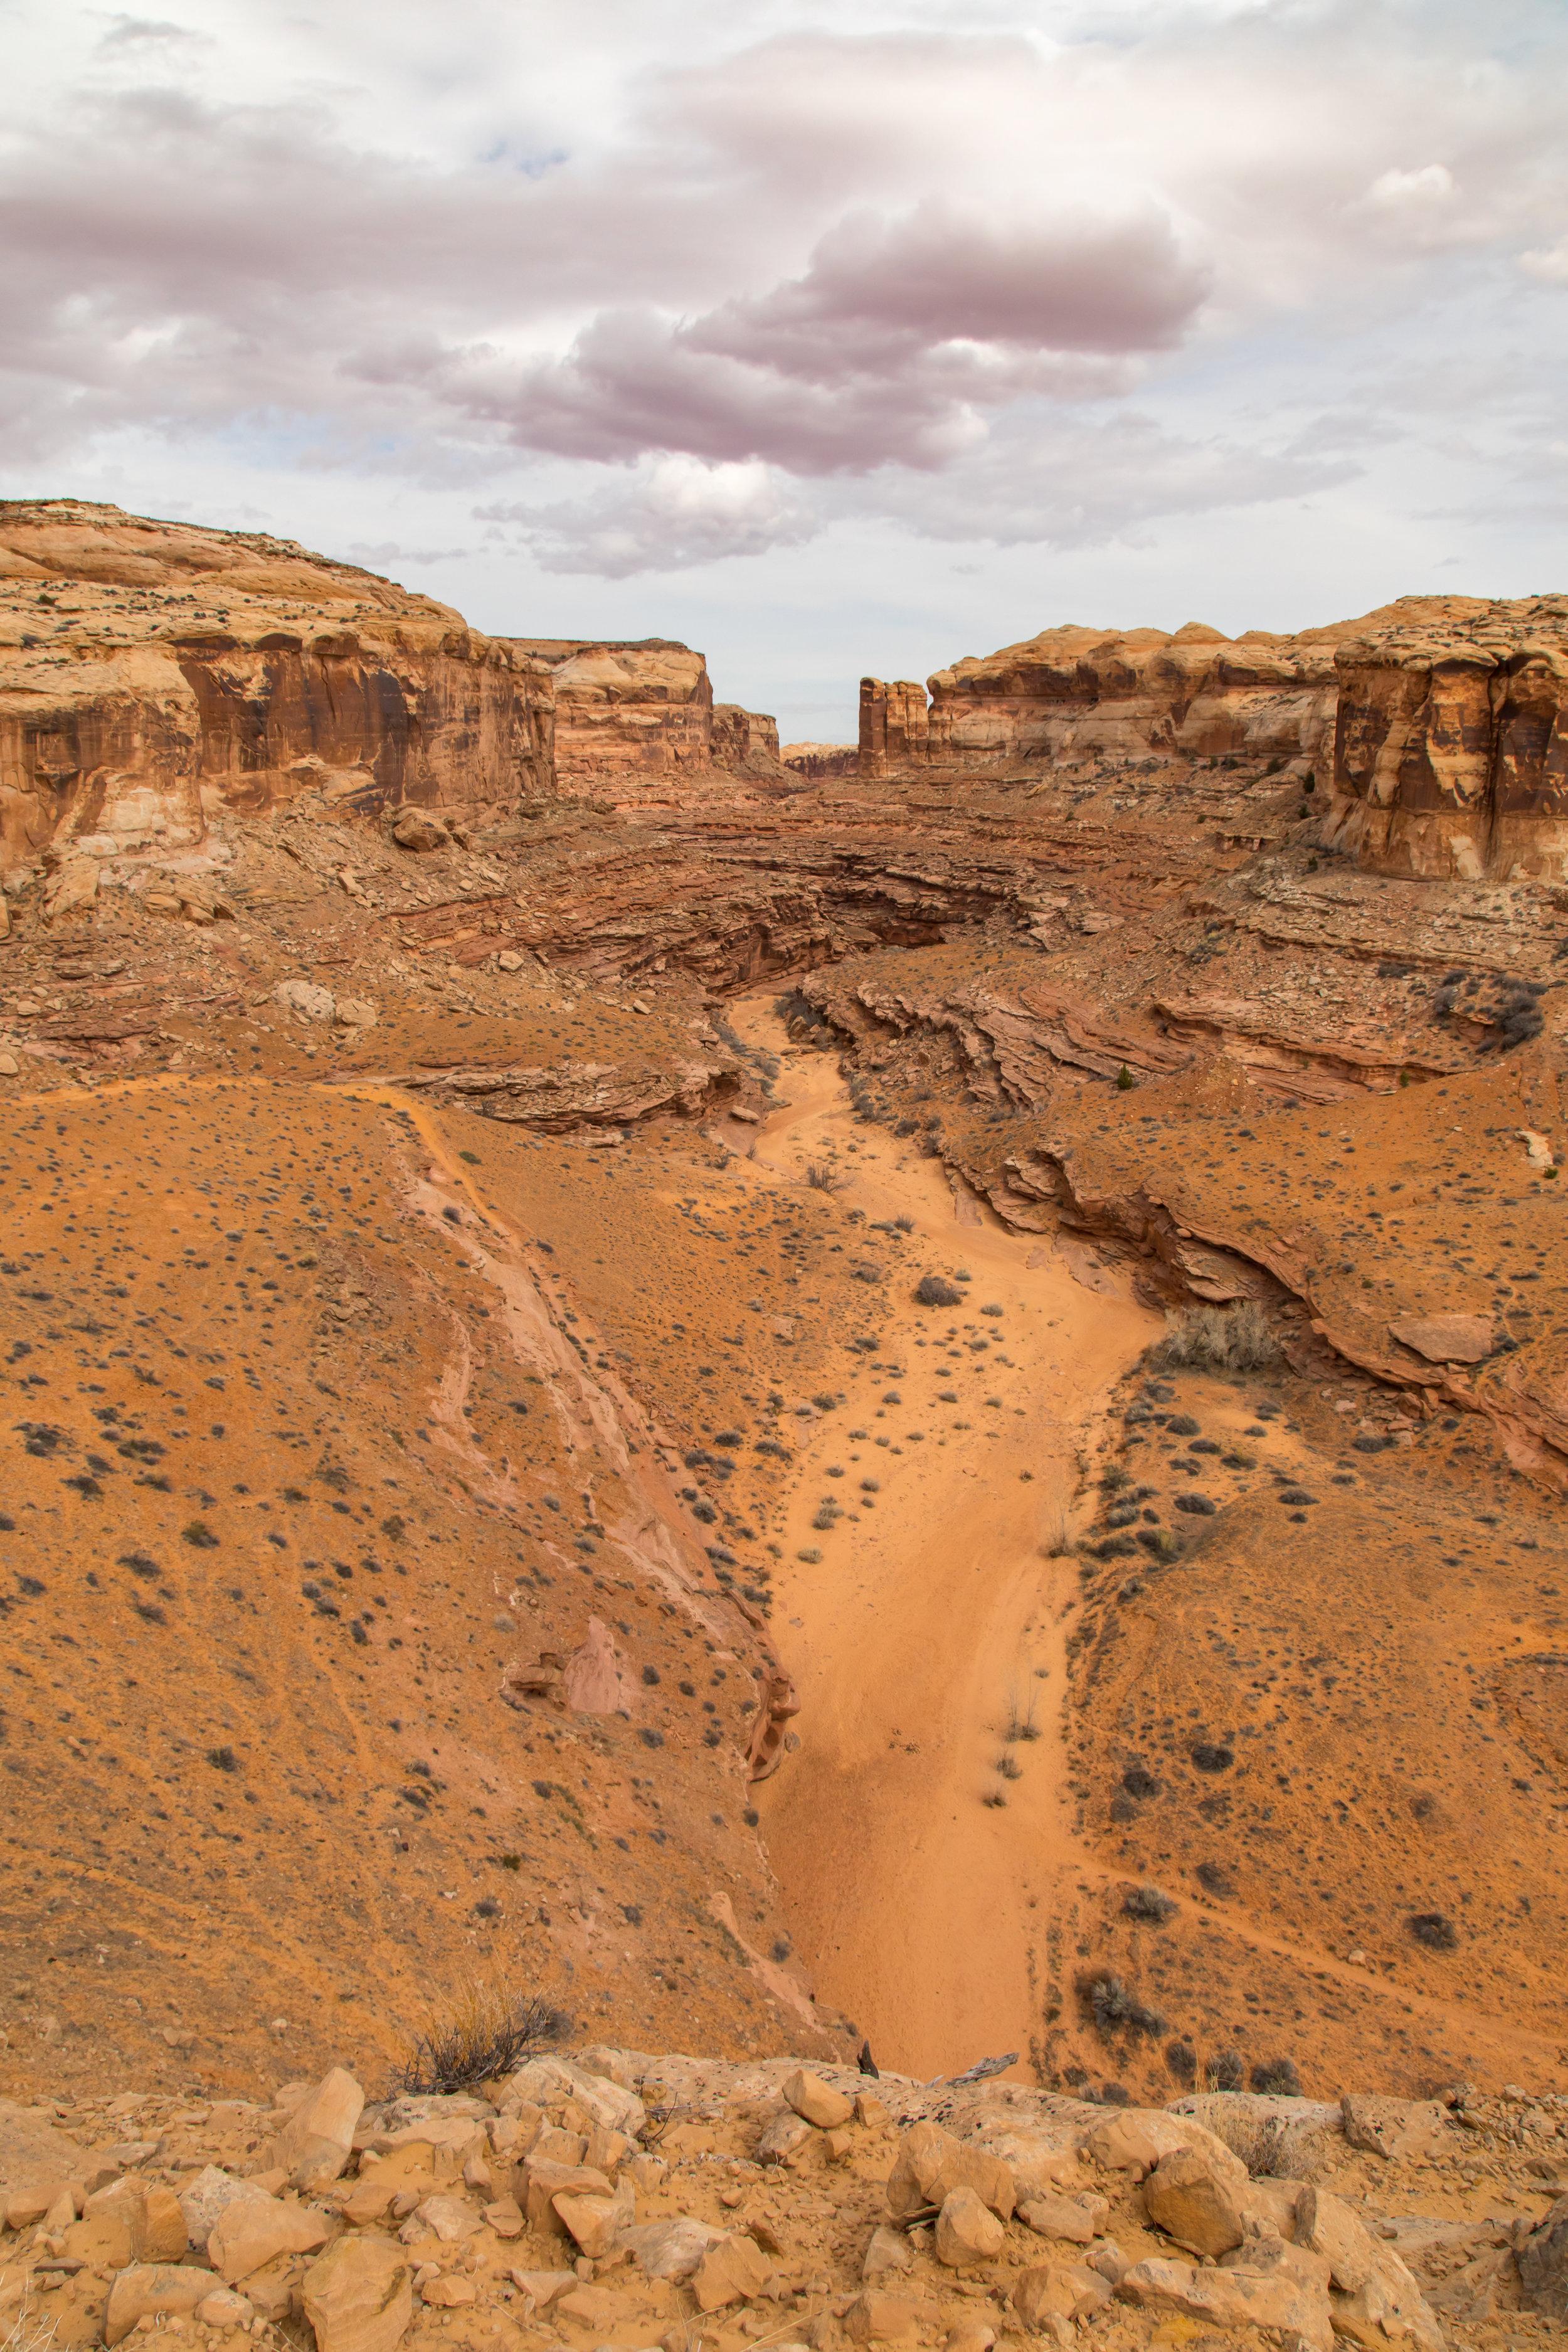 Horseshoe Canyon, Image # 9270